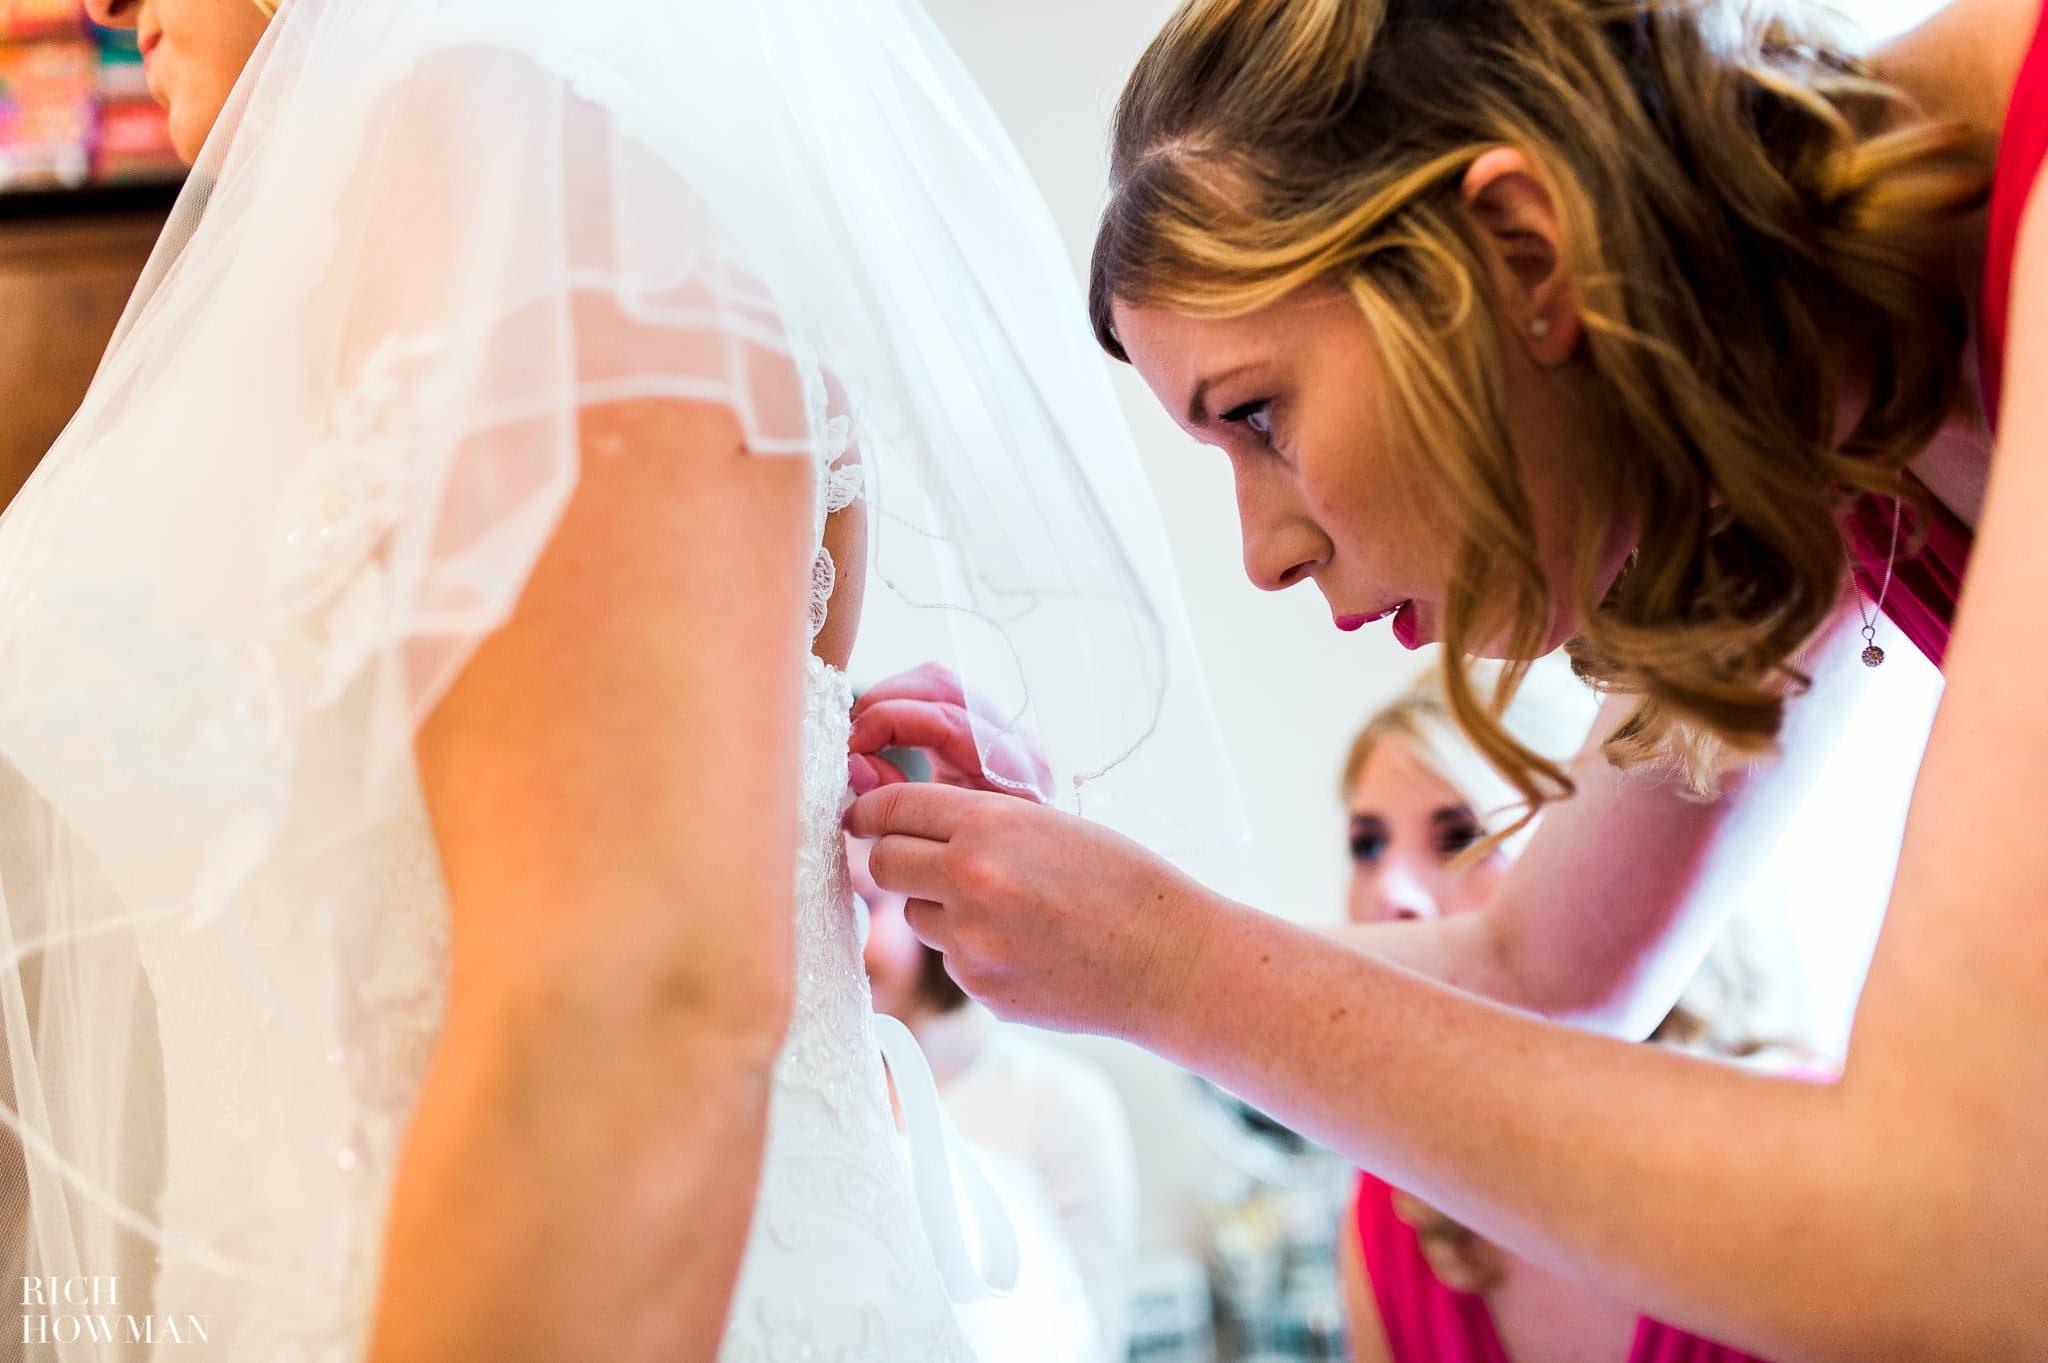 Llanerch Vineyard Wedding Photography by Rich Howman 5